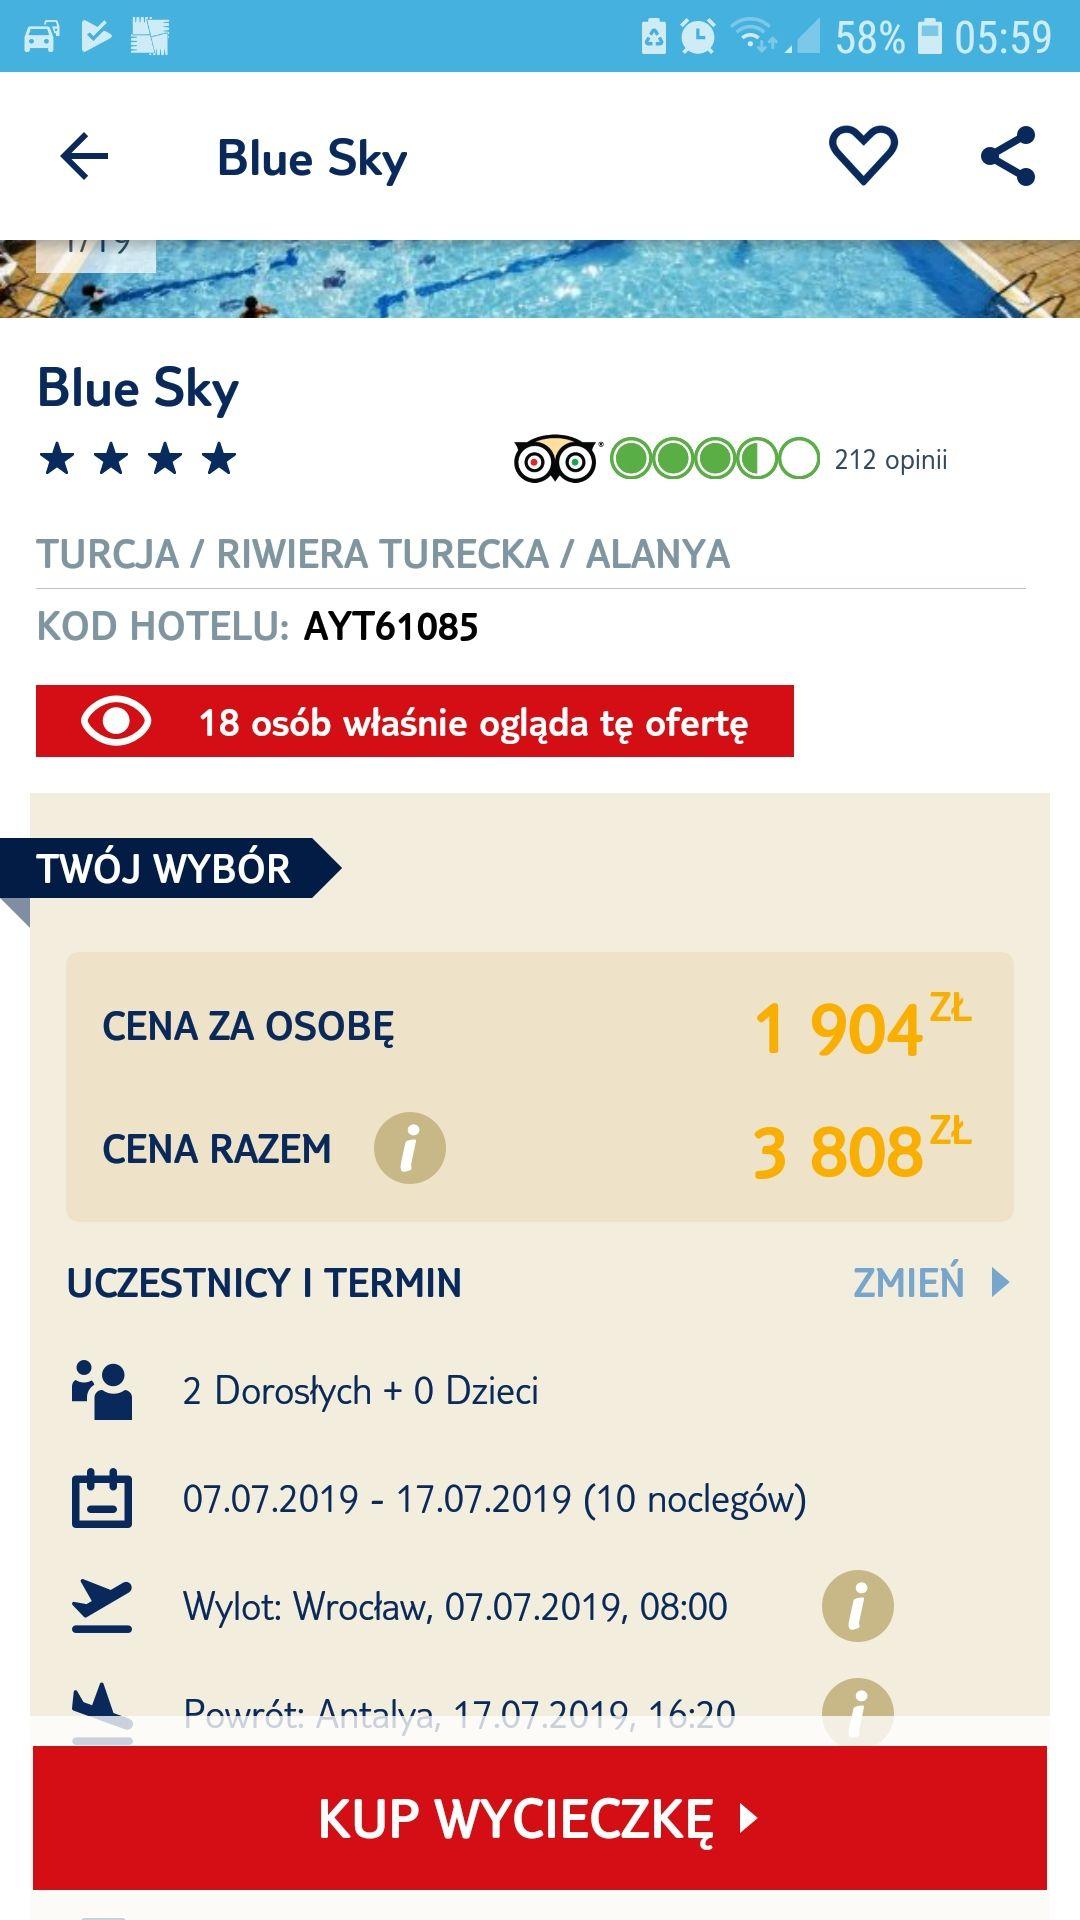 Last Minute, Turcja, Alanya, wylot WROCŁAW, all inclusive 11dni / 1904zl lub 12dni/1946zl osoba